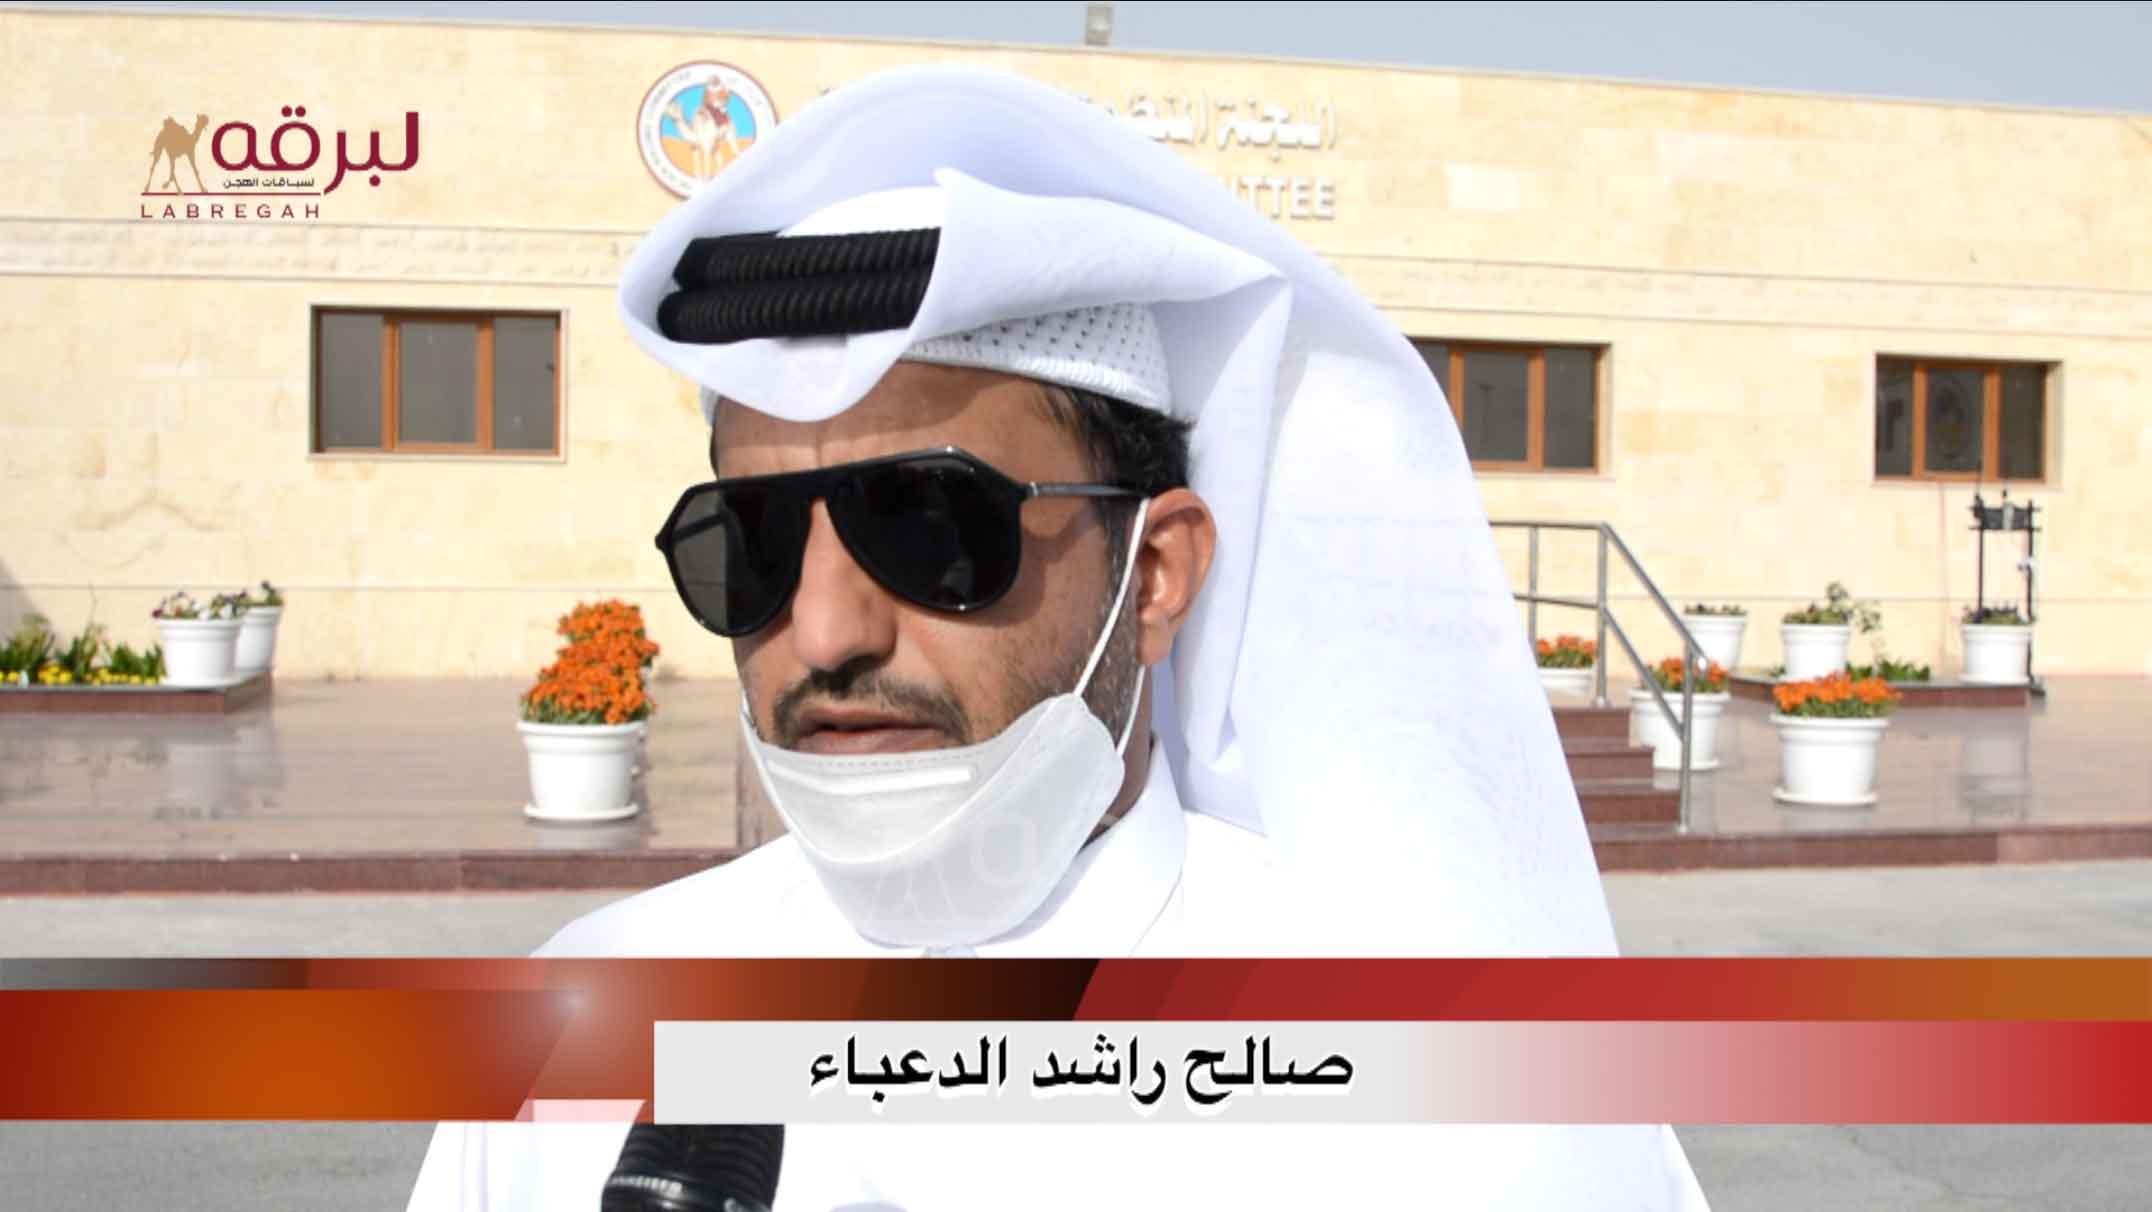 لقاء مع صالح راشد الدعباء.. الشلفة الفضية لقايا بكار «عمانيات» الأشواط العامة  ٢٣-٣-٢٠٢١